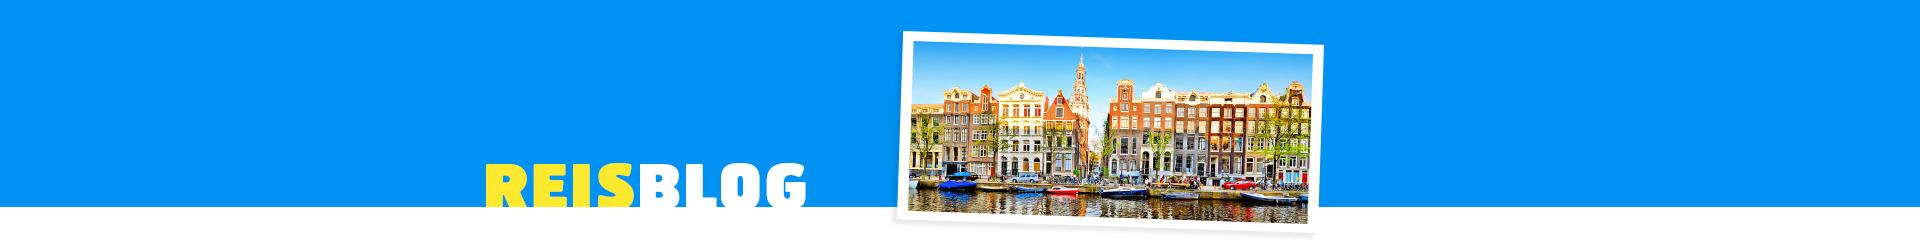 Grachten in een van de steden van Nederland